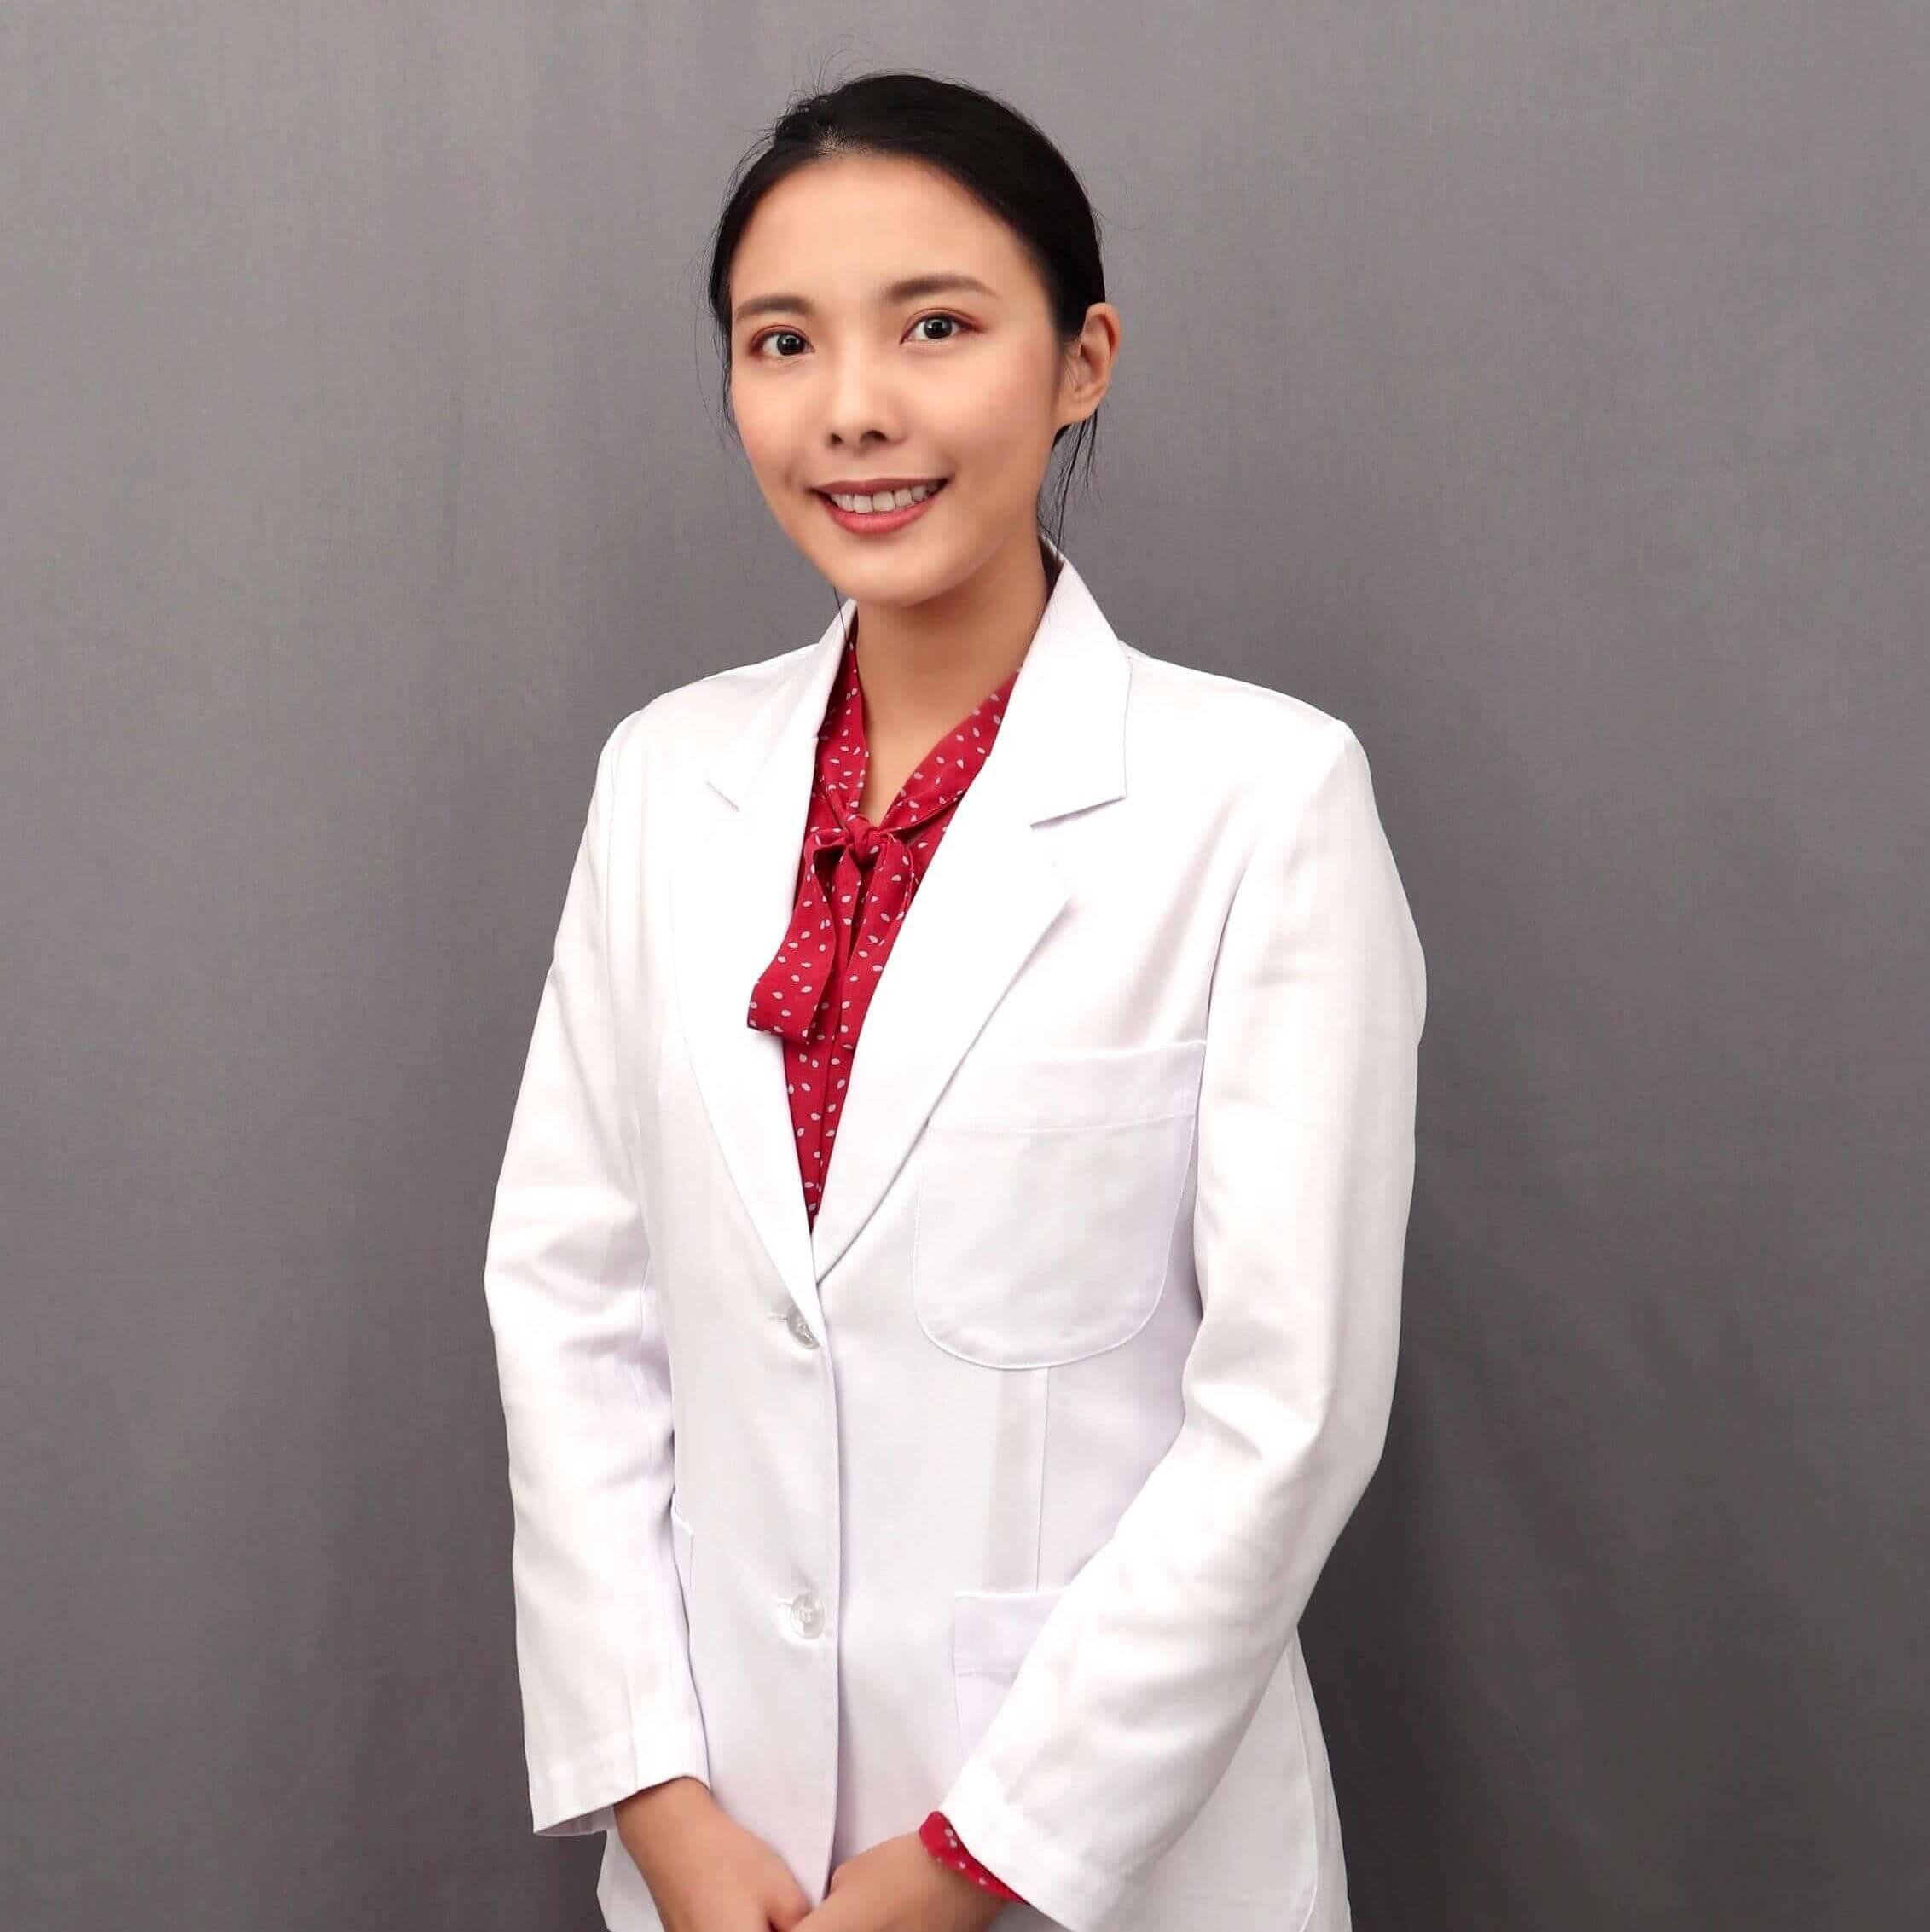 竹北牙醫推薦饒庭伃牙醫師